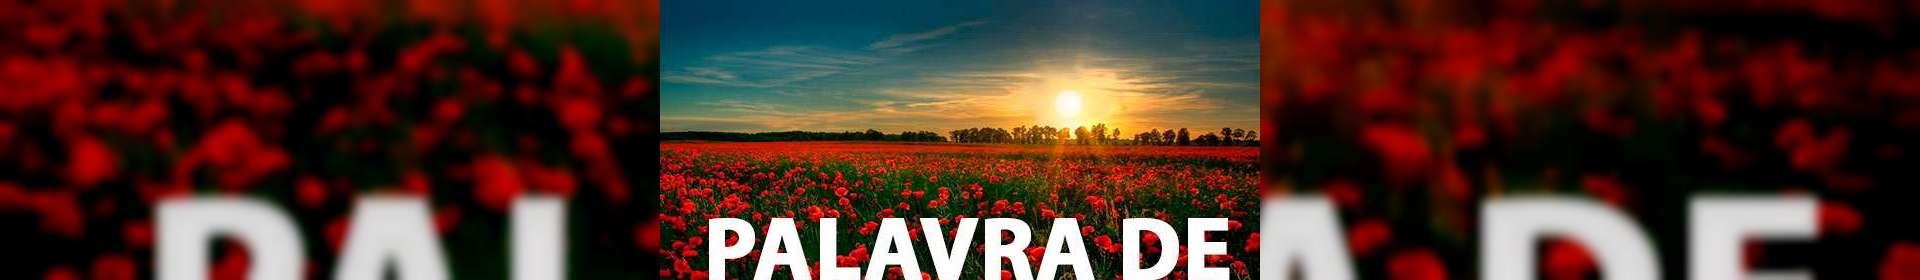 Salmos 17:6 - Uma Palavra de Esperança para sua vida